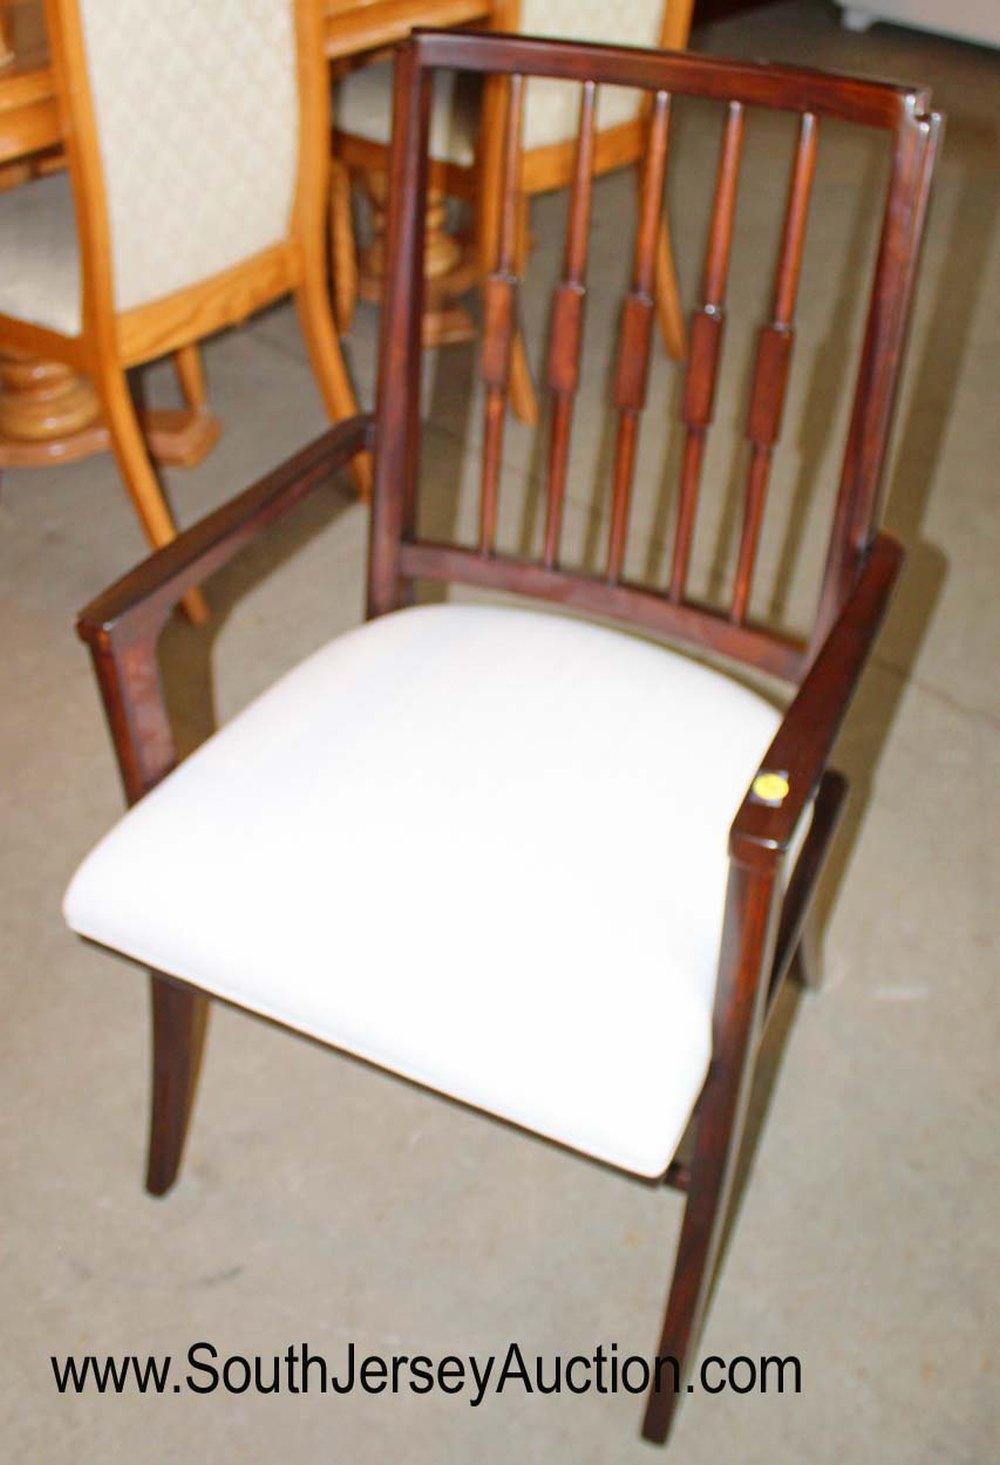 New Mahogany Arm Chair